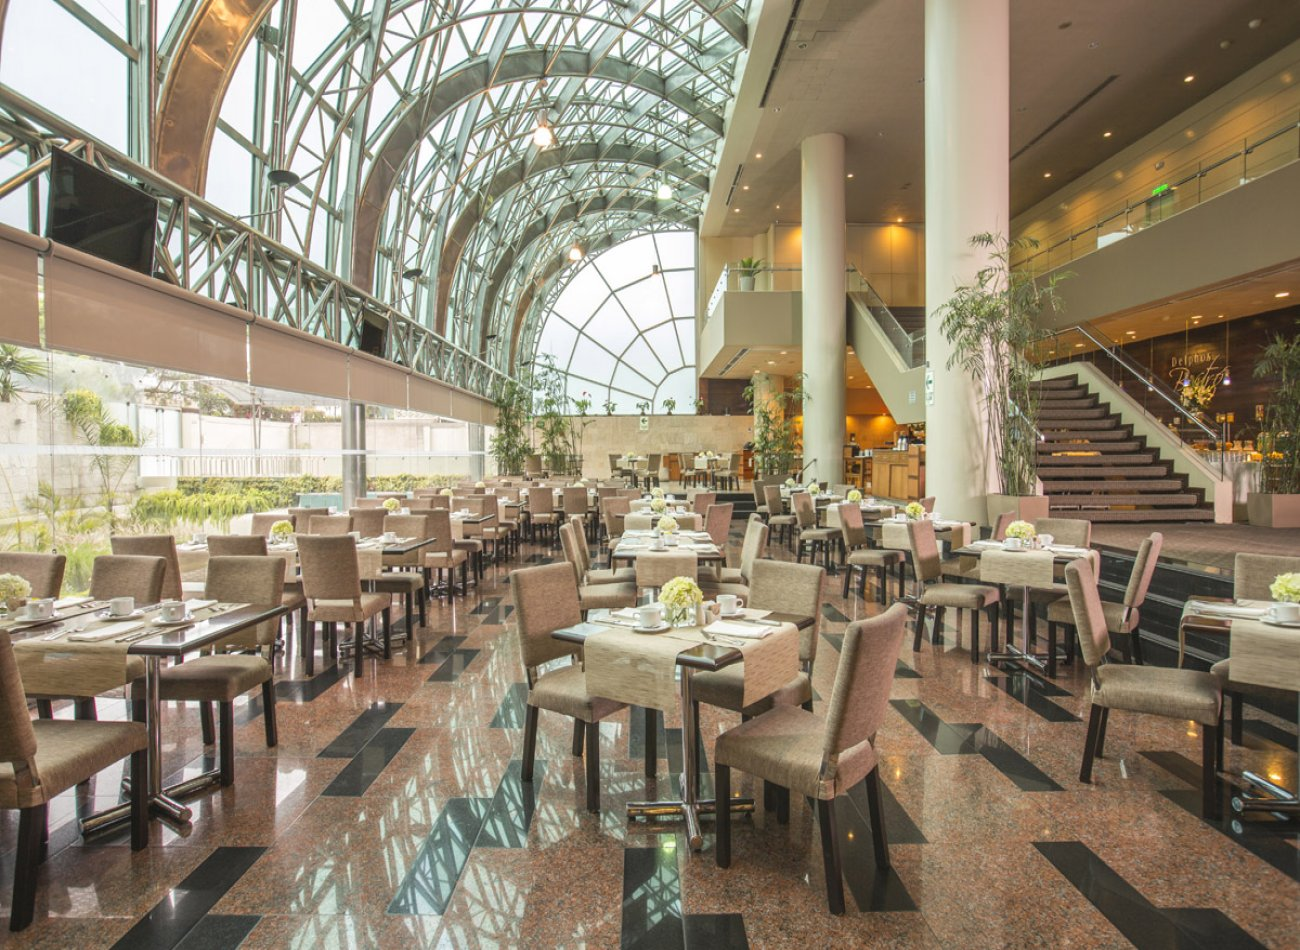 DELPHOS BISTRó - DELFINES HOTEL Restaurante - Reserva y Pide Delivery o Take Out en restaurantes de Comida INTERNACIONAL - SAN ISIDRO - MESA 24/7 | LIMA - Perú